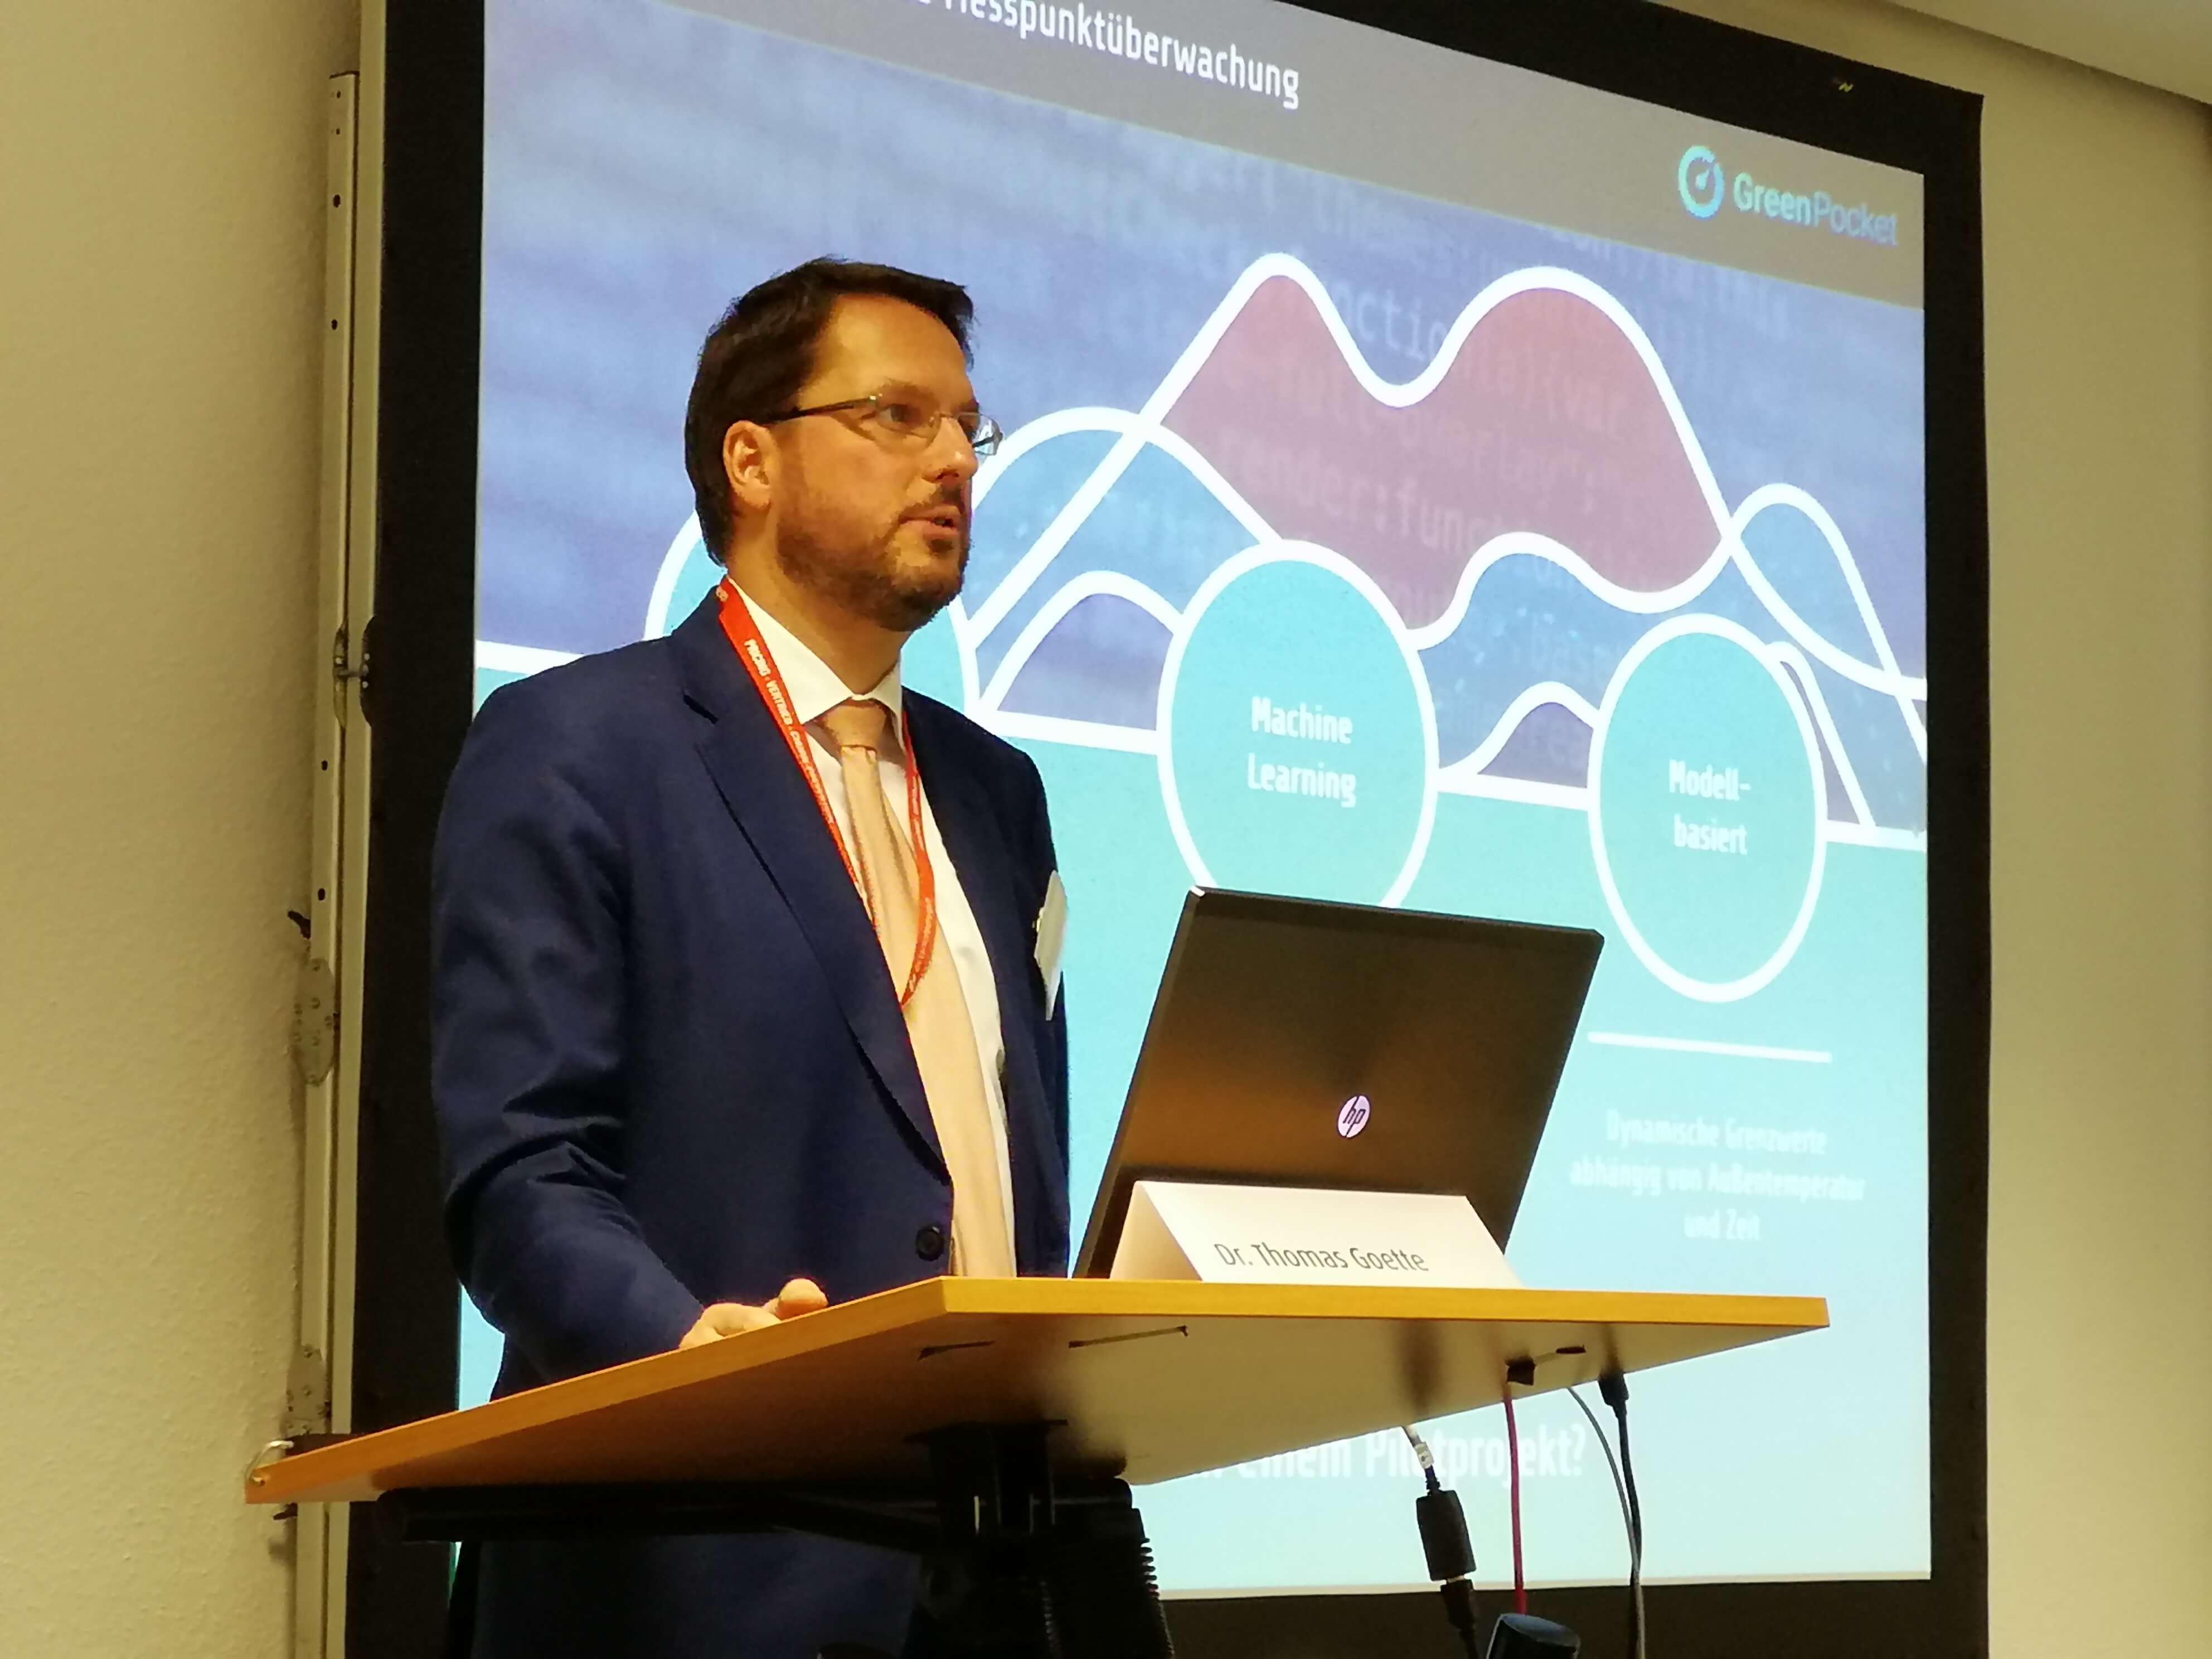 Dr. Thomas Goette, CEO